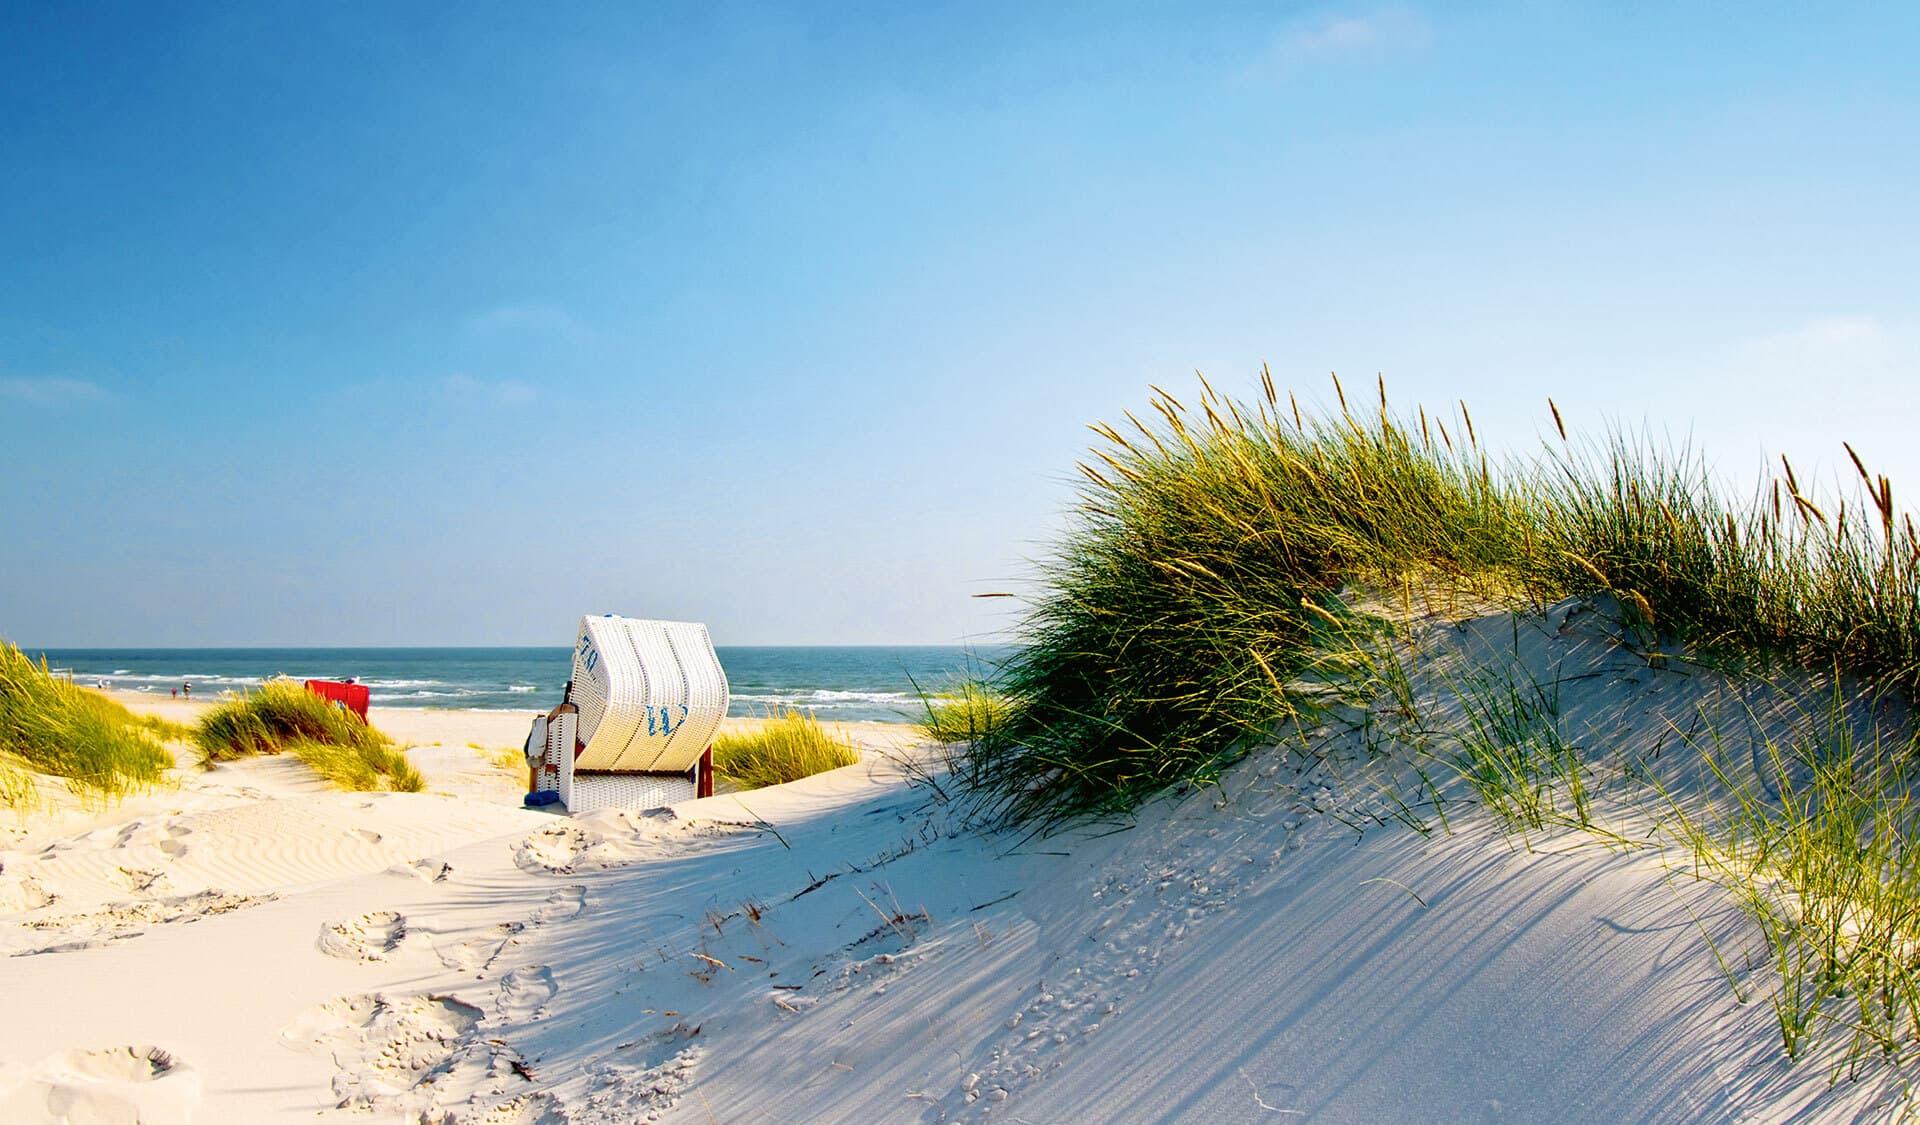 Blick vorbei an Sanddünen und Strandkörben auf das Meer.